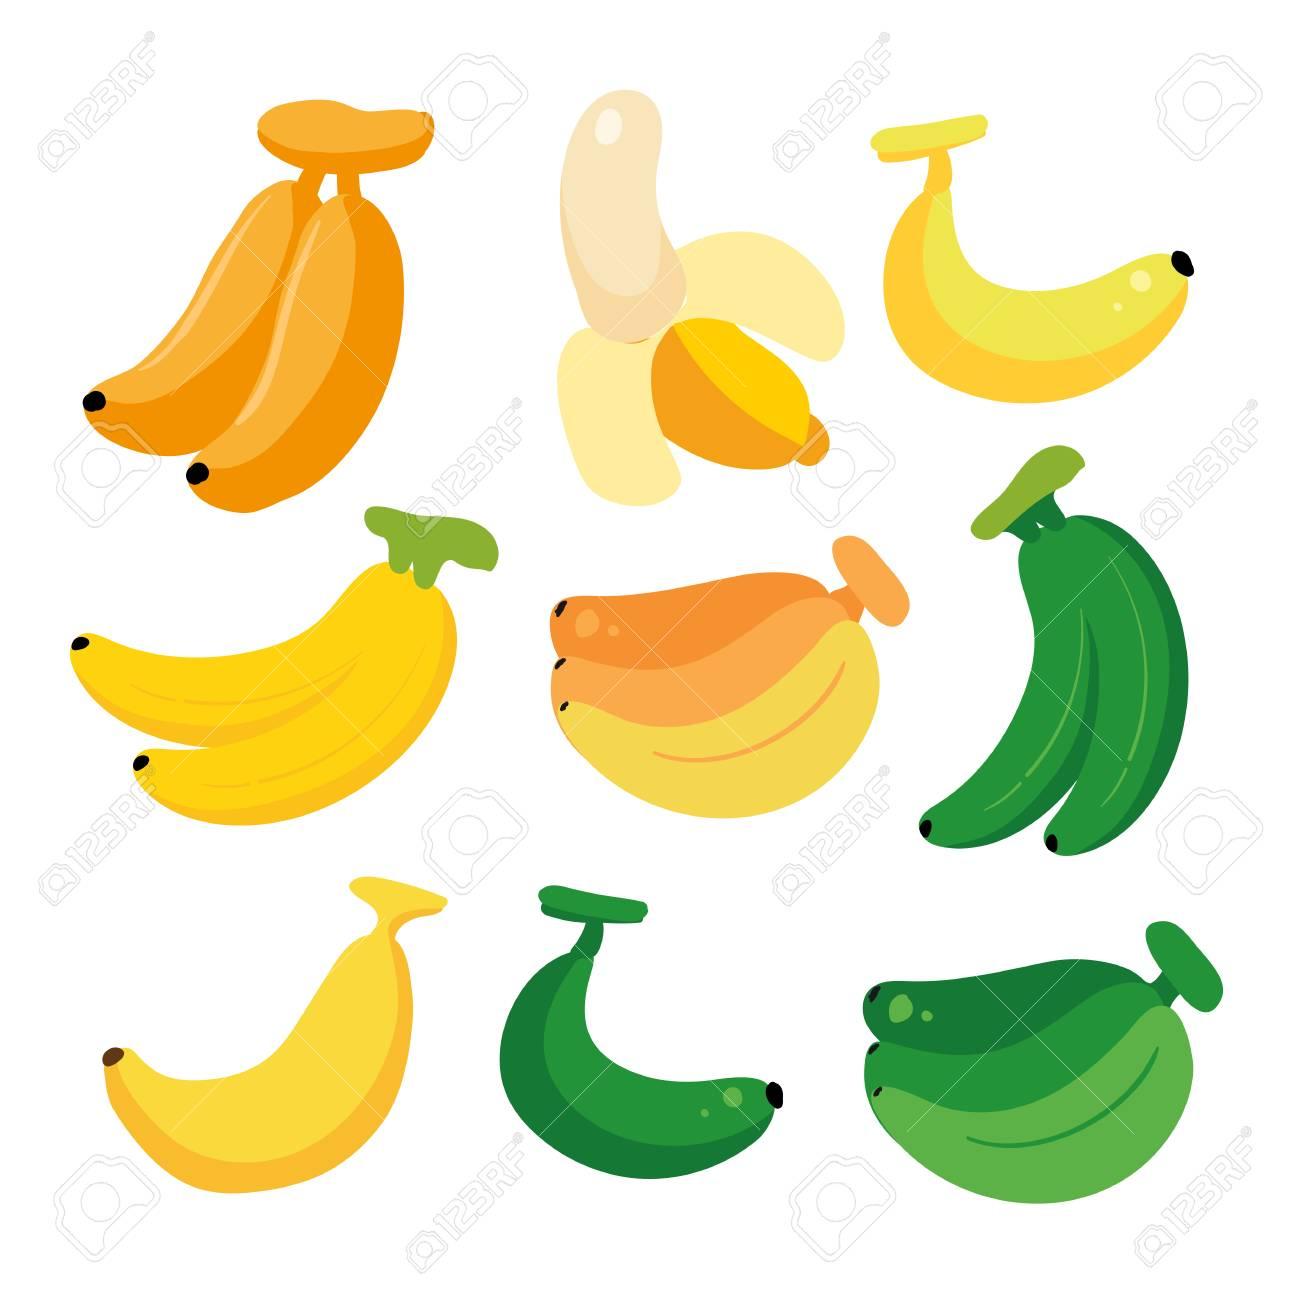 banana vector collection design, fruit vector collection design - 112276415